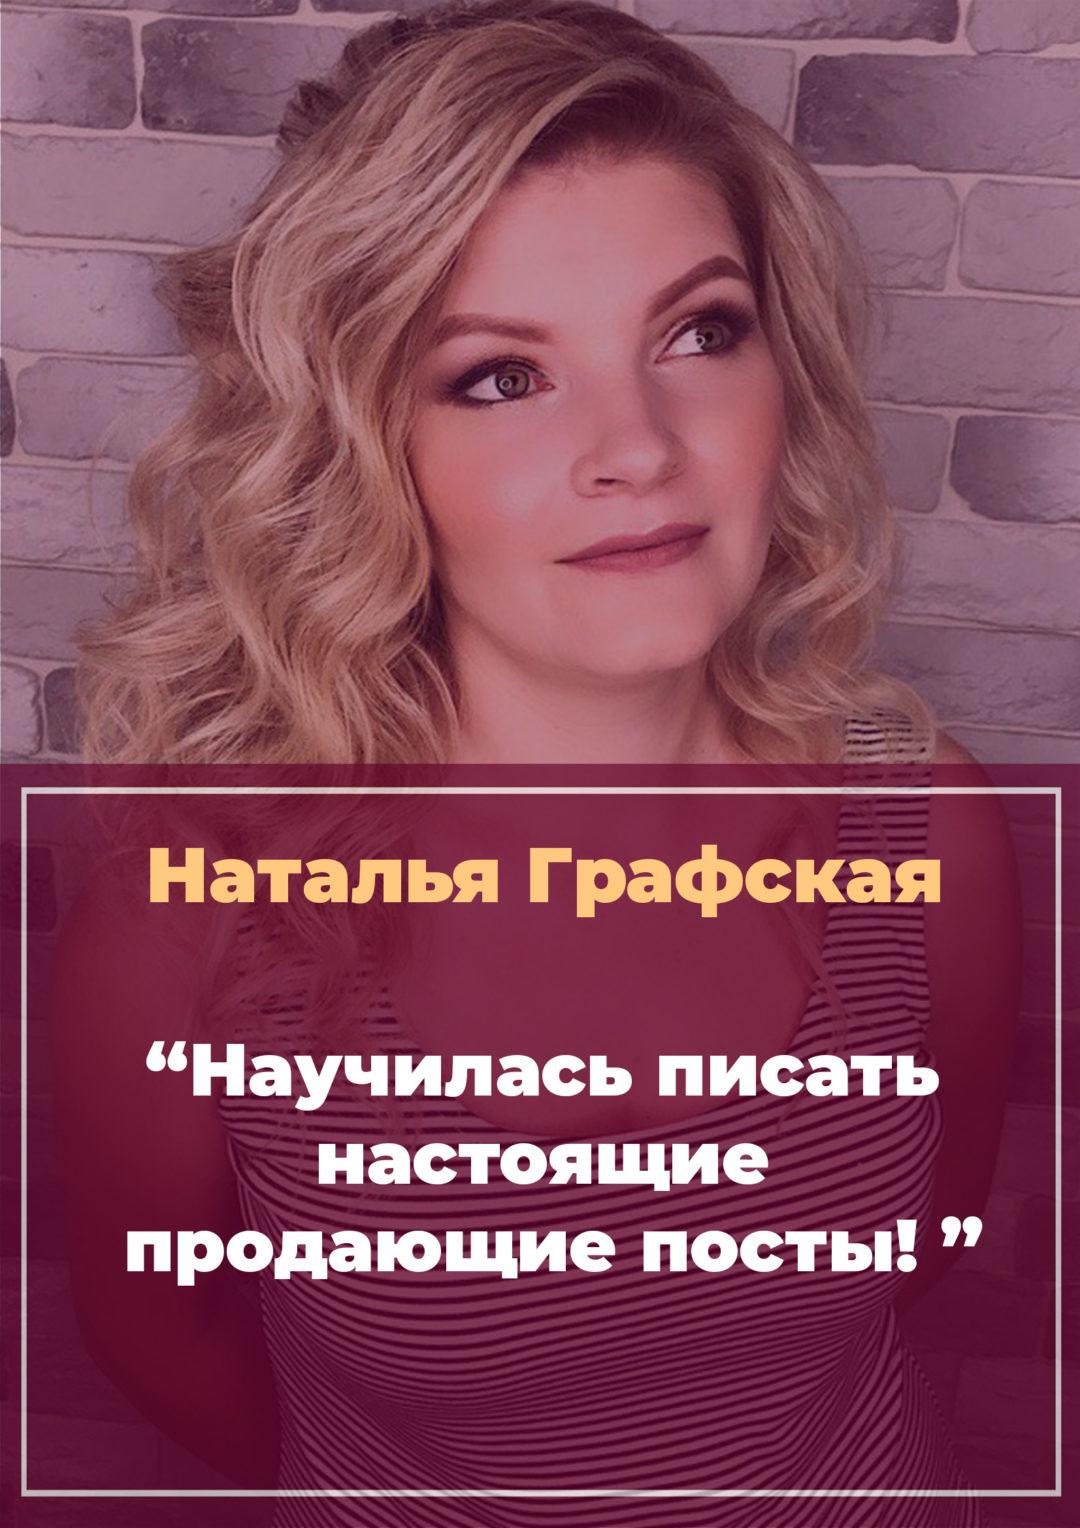 История Натальи Графской